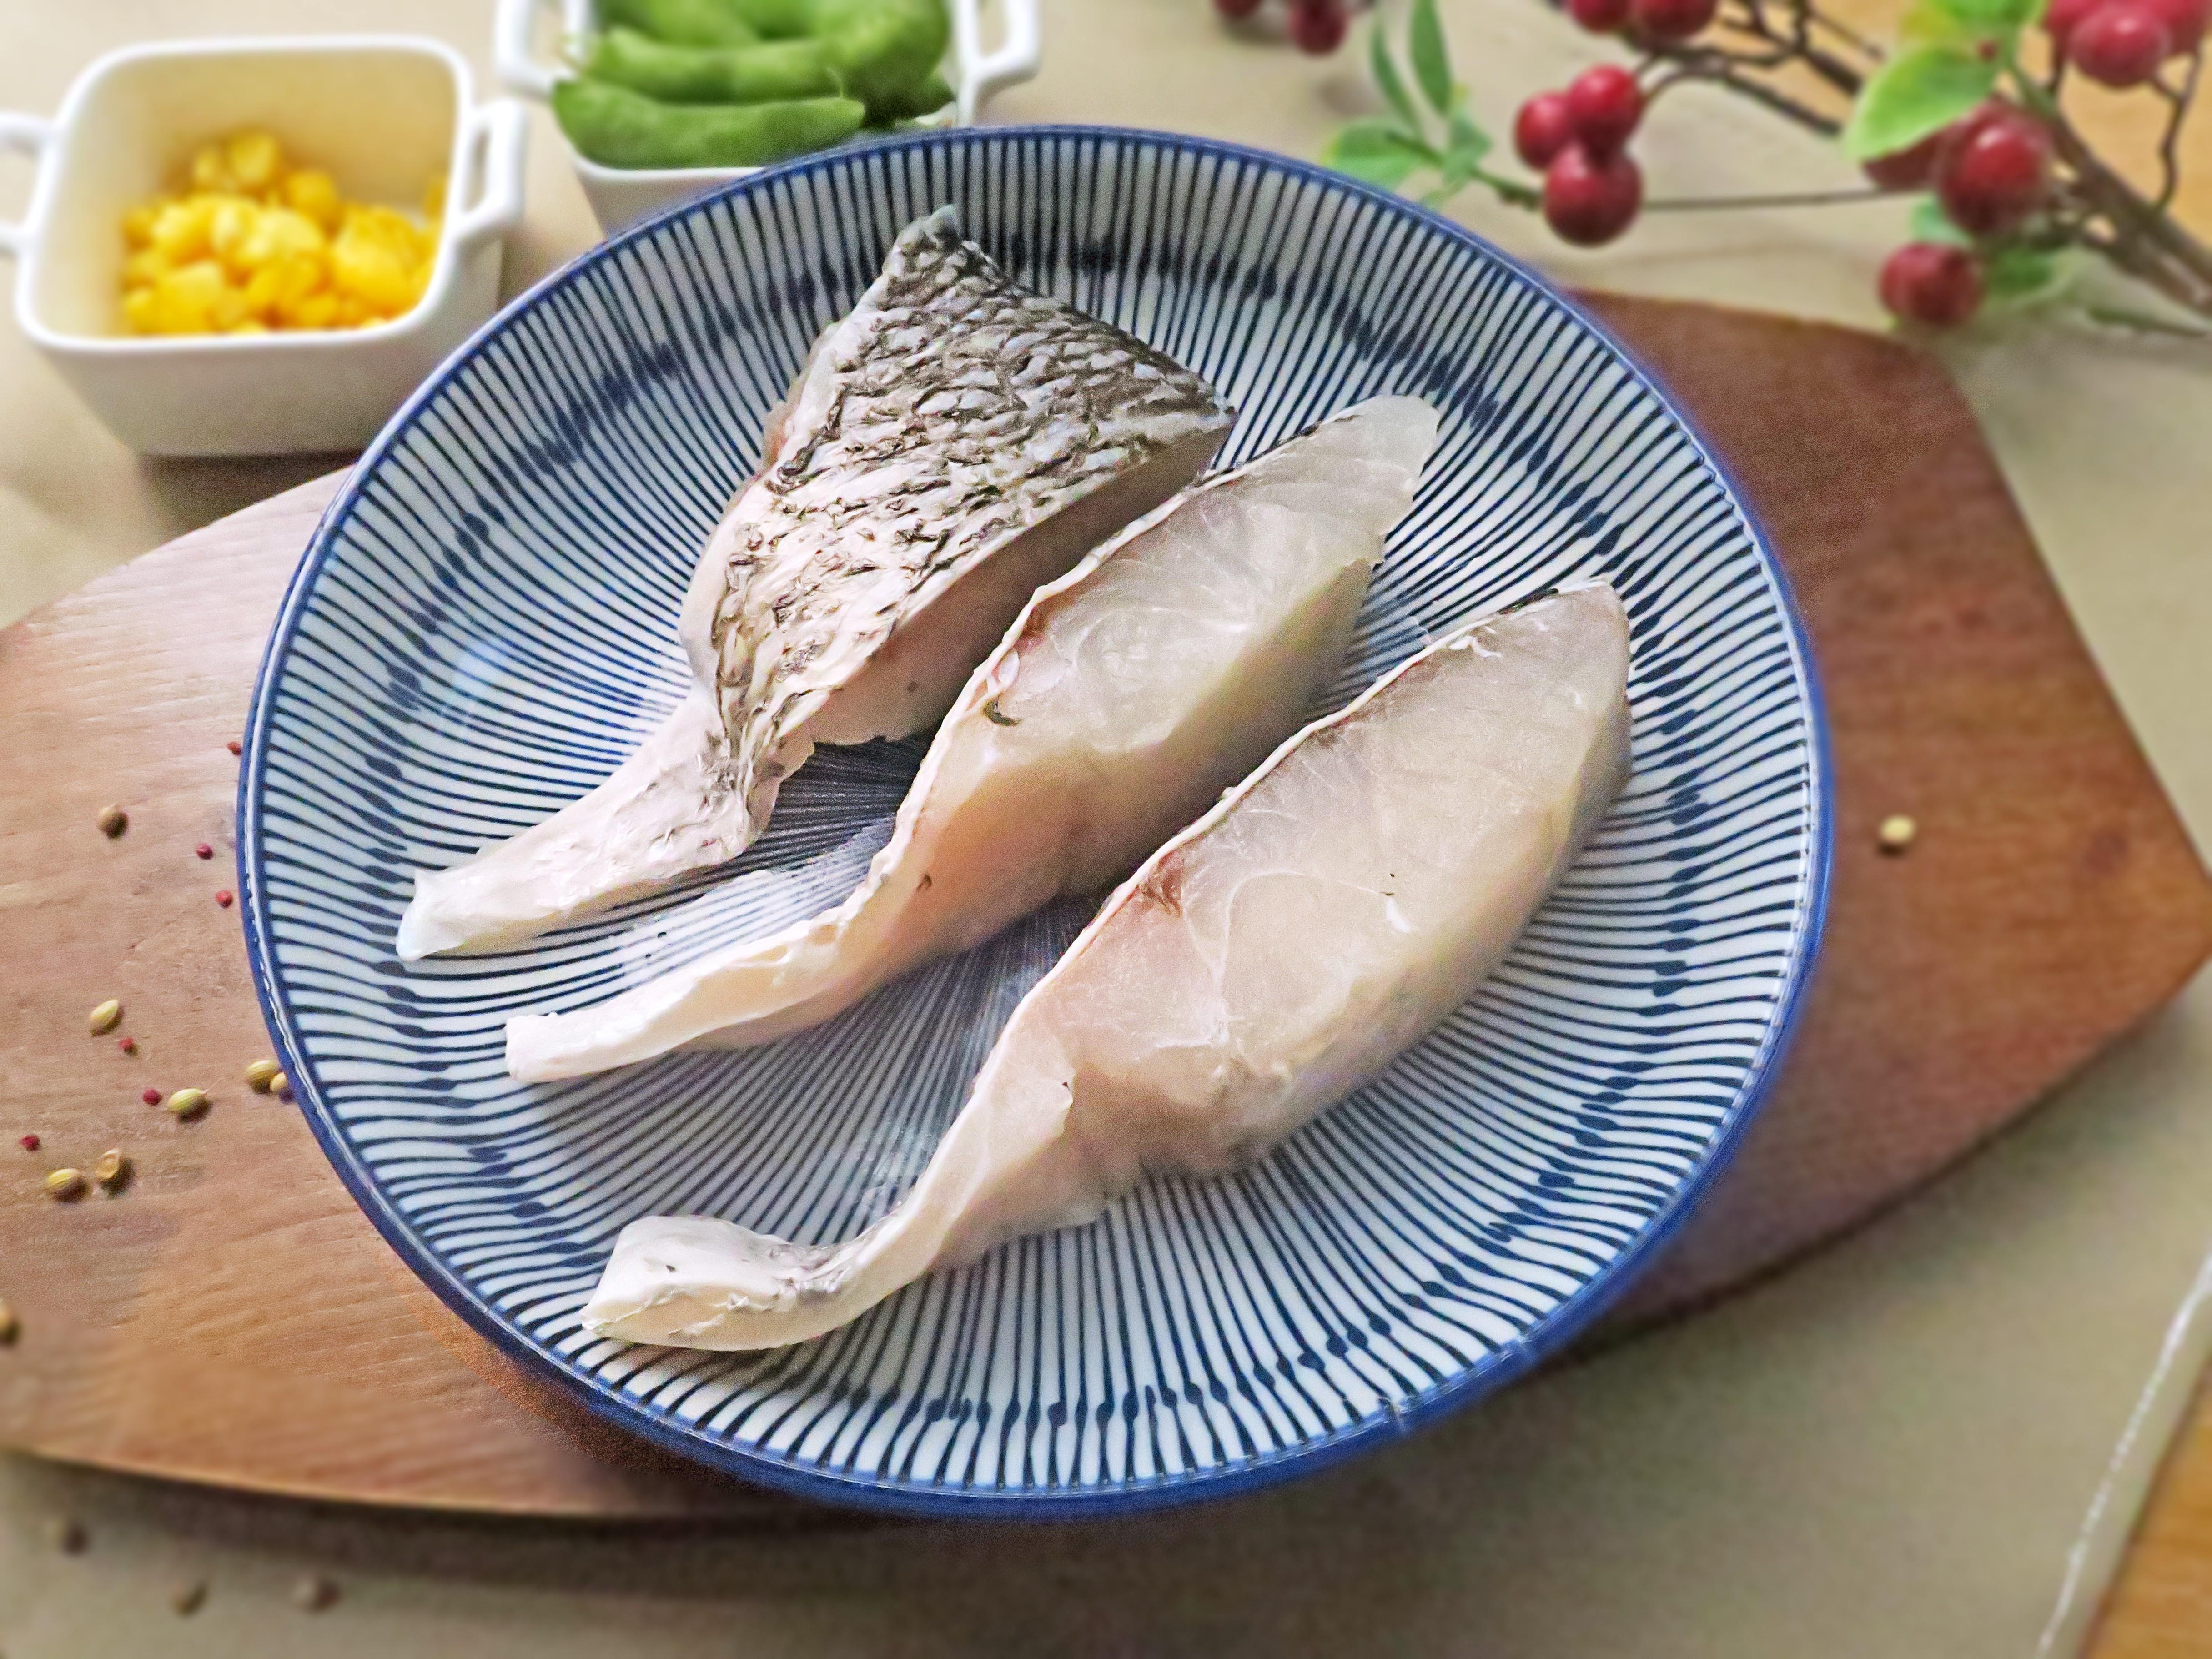 金目鱸魚-去刺鱸魚切塊